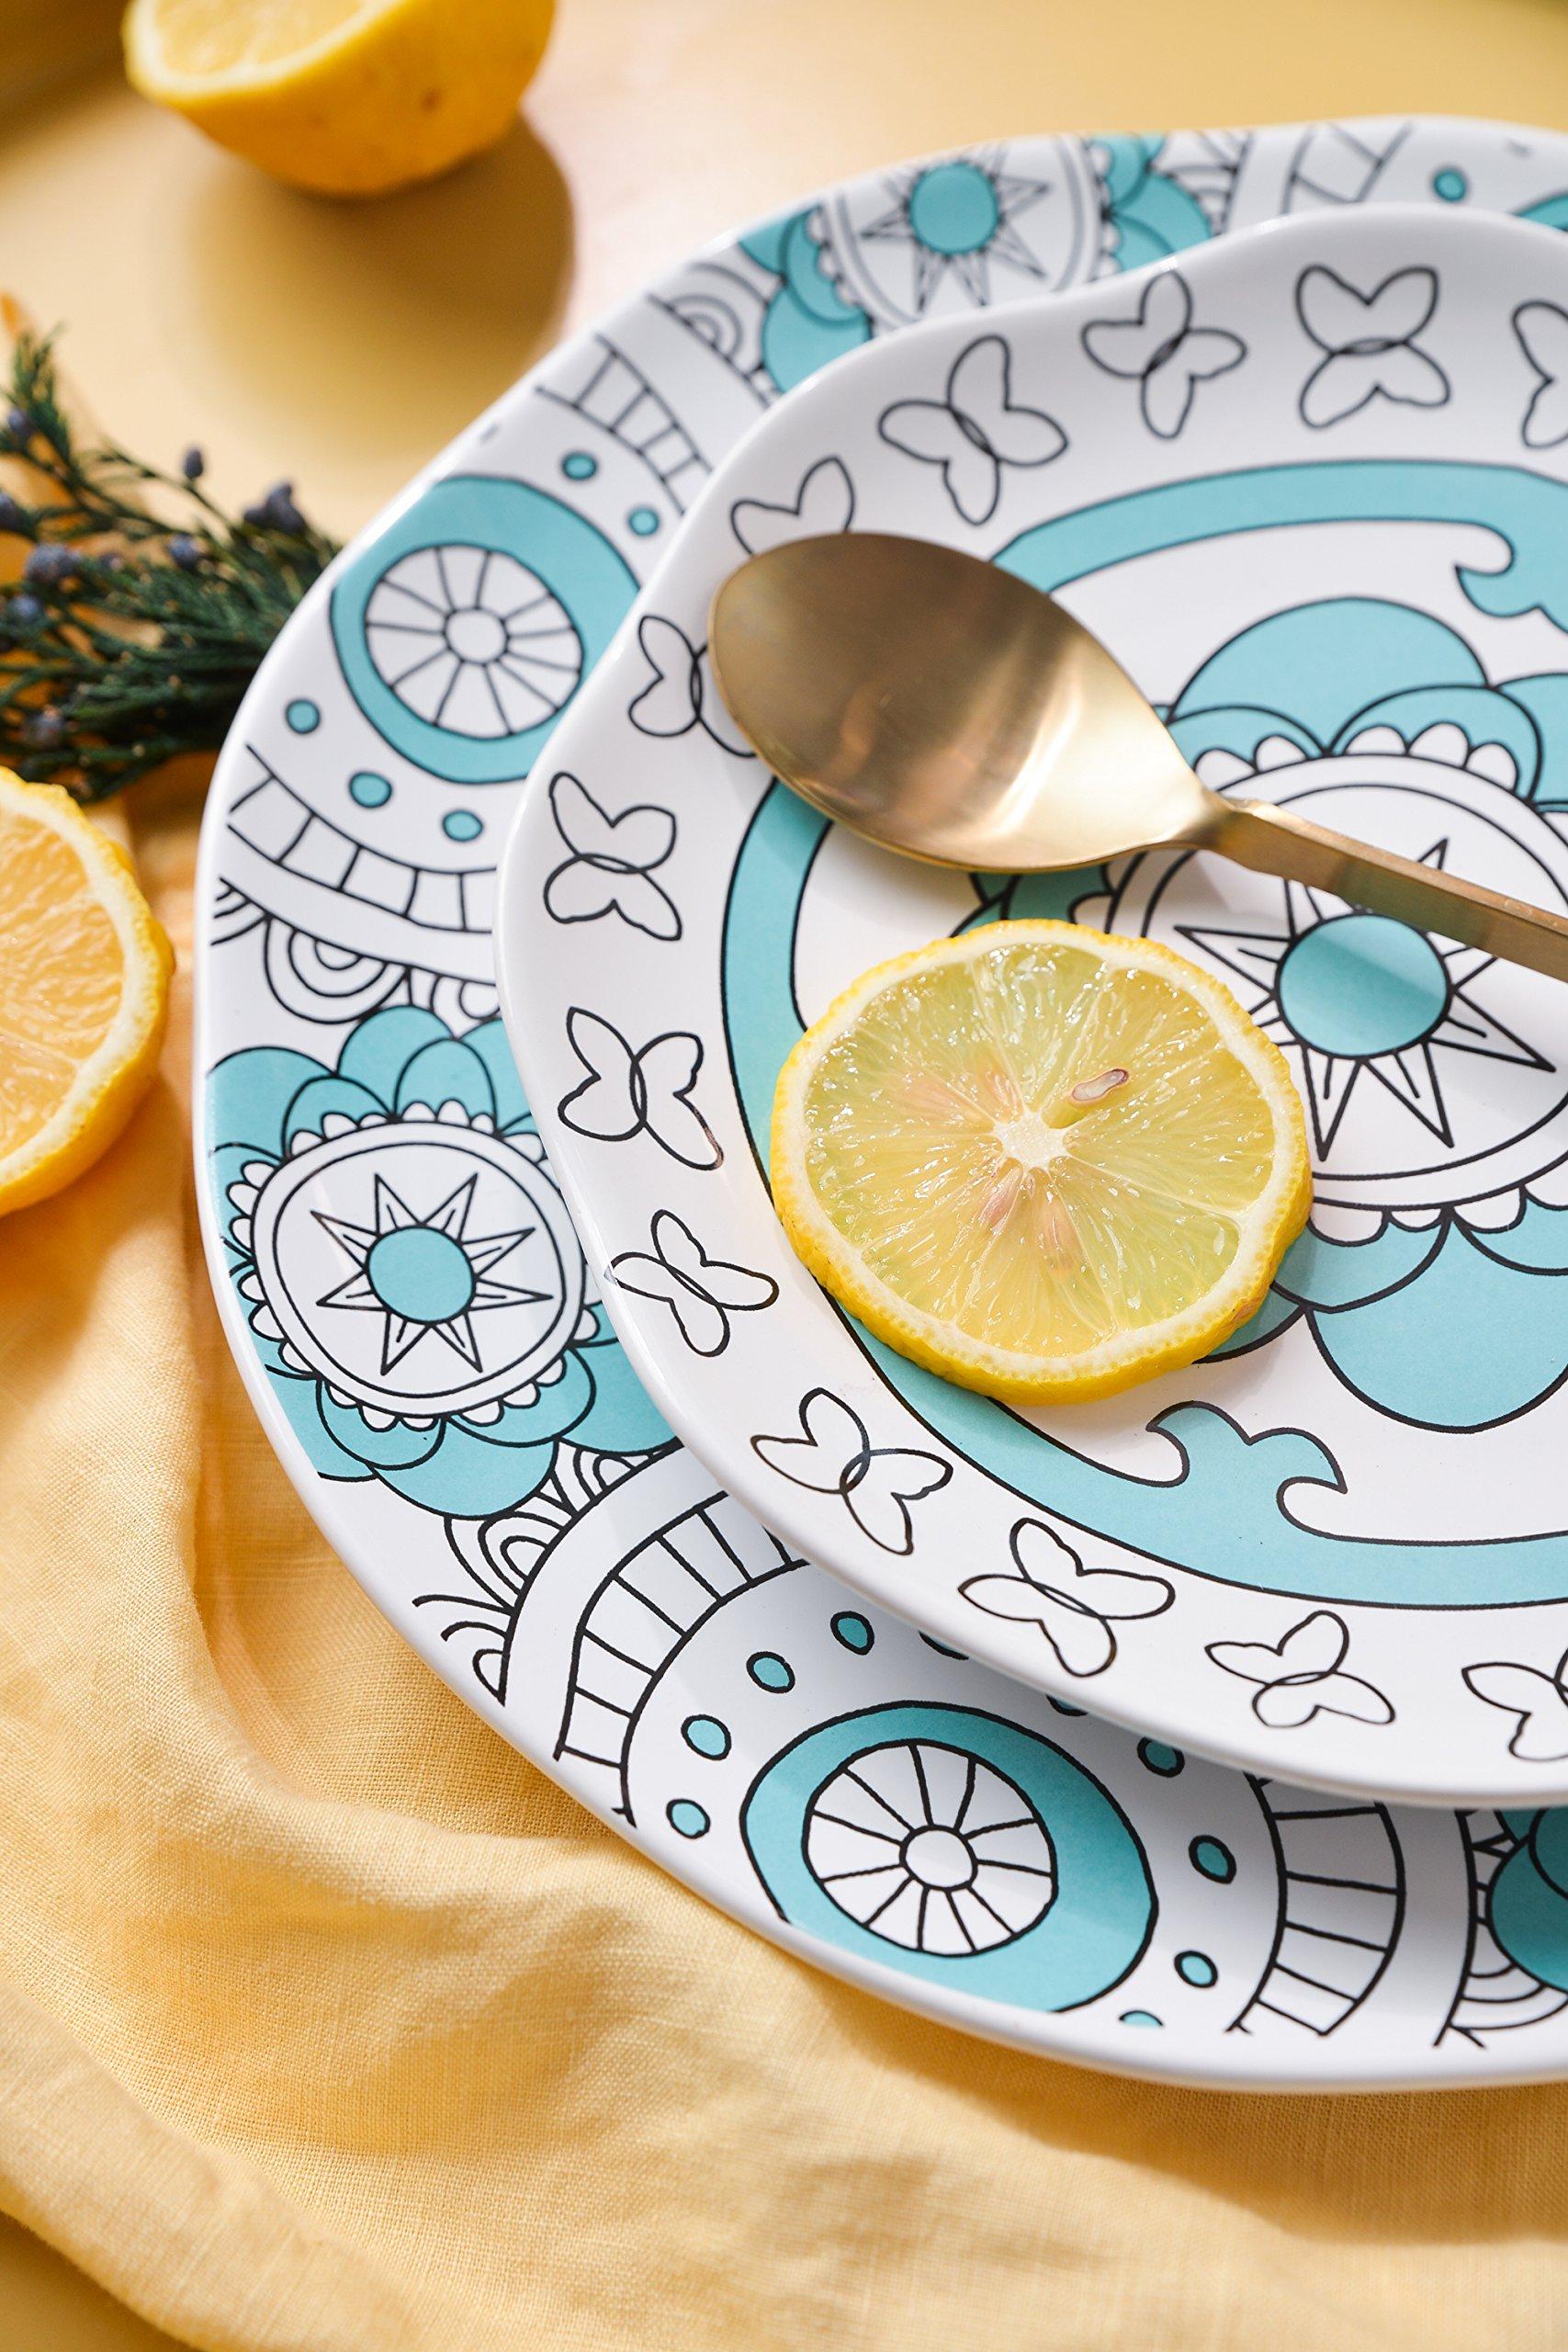 Dinner Plates Appetizer Salad Plate Set 4, Porcelain Mint Blue, Floral Pattern, Accent Serving Plates by LA JOLIE MUSE (Image #3)